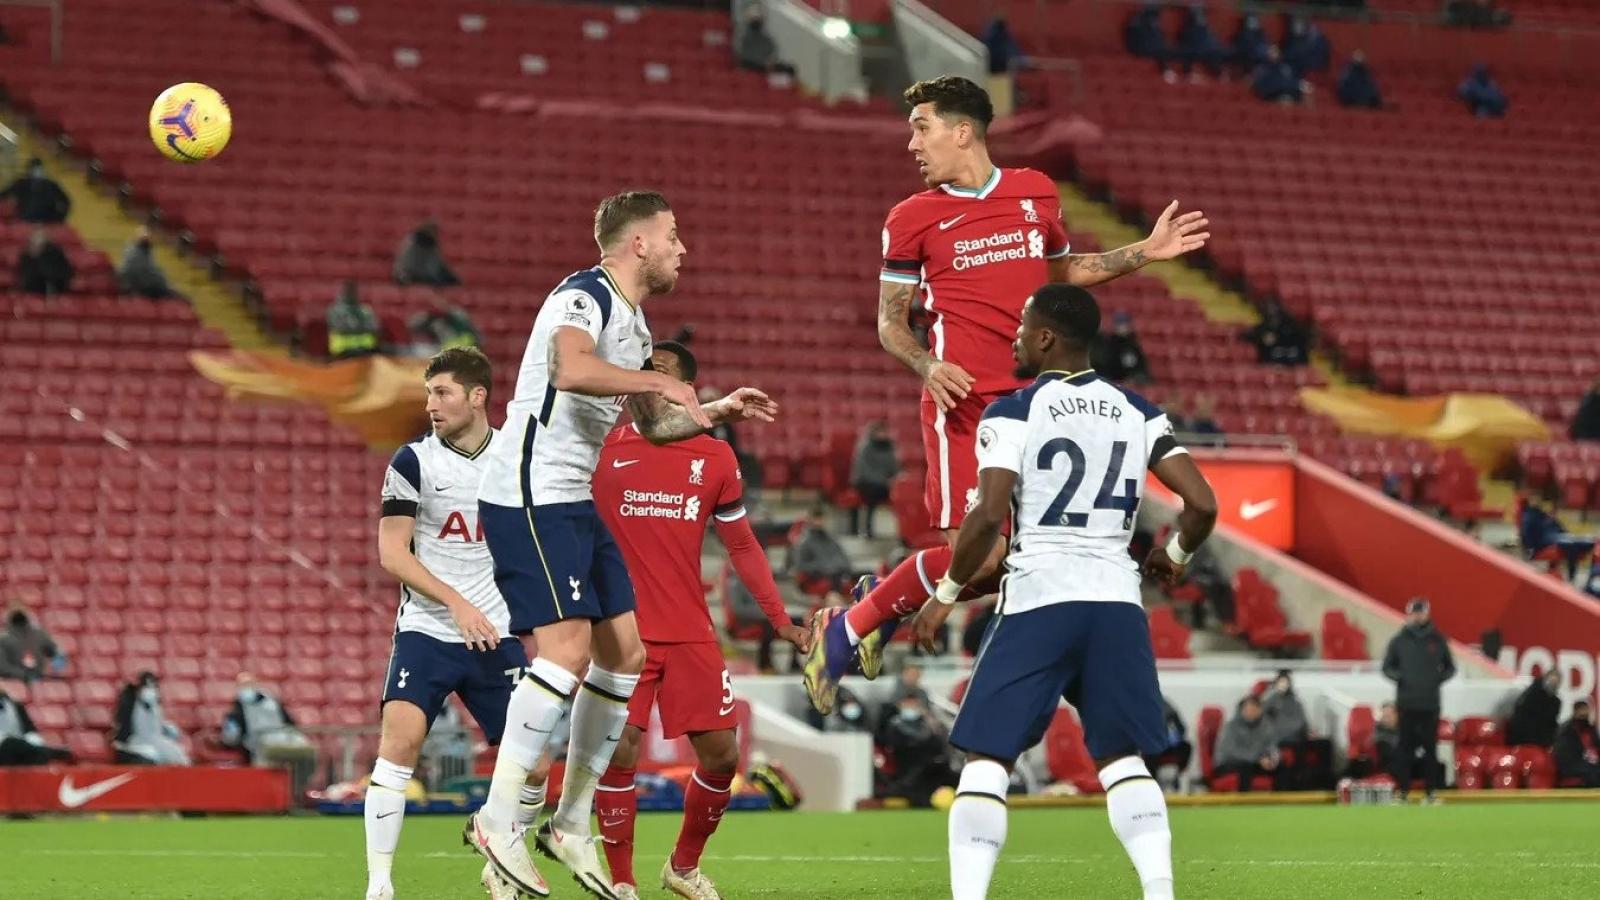 Ghi bàn phút cuối, Người hùng Firmino giúp Liverpool thắng kịch tính Tottenham